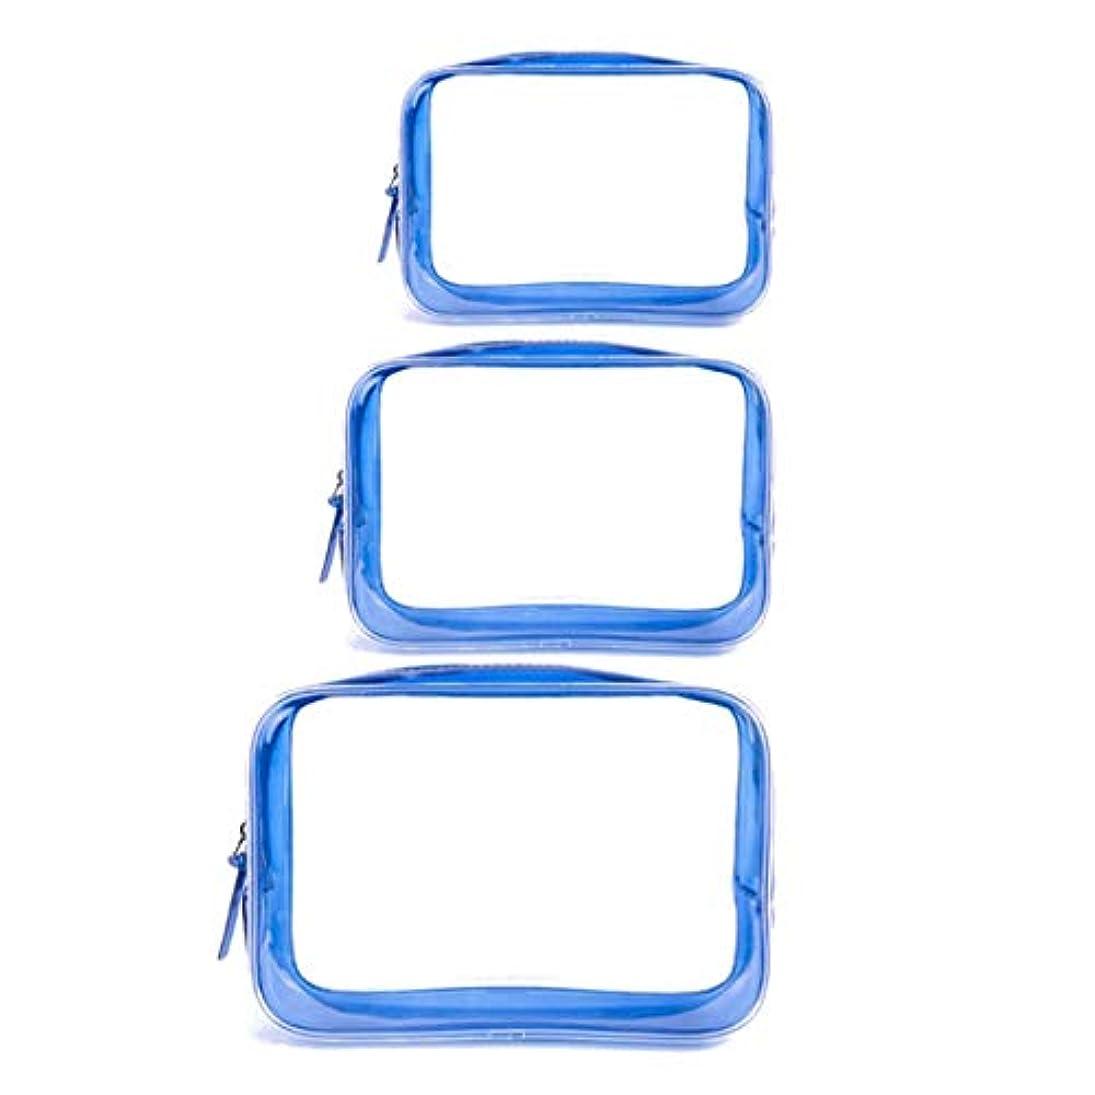 頻繁に医学くすぐったいSurui 化粧ポーチ トラベルポーチ 収納ポーチ レディース 化粧バッグ 3枚セット 収納バッグ 女性 多機能 化粧 ポーチ 収納 透明 バッグ 防水 大容量 PVC 小物入れ ジッパー式 旅行出張用